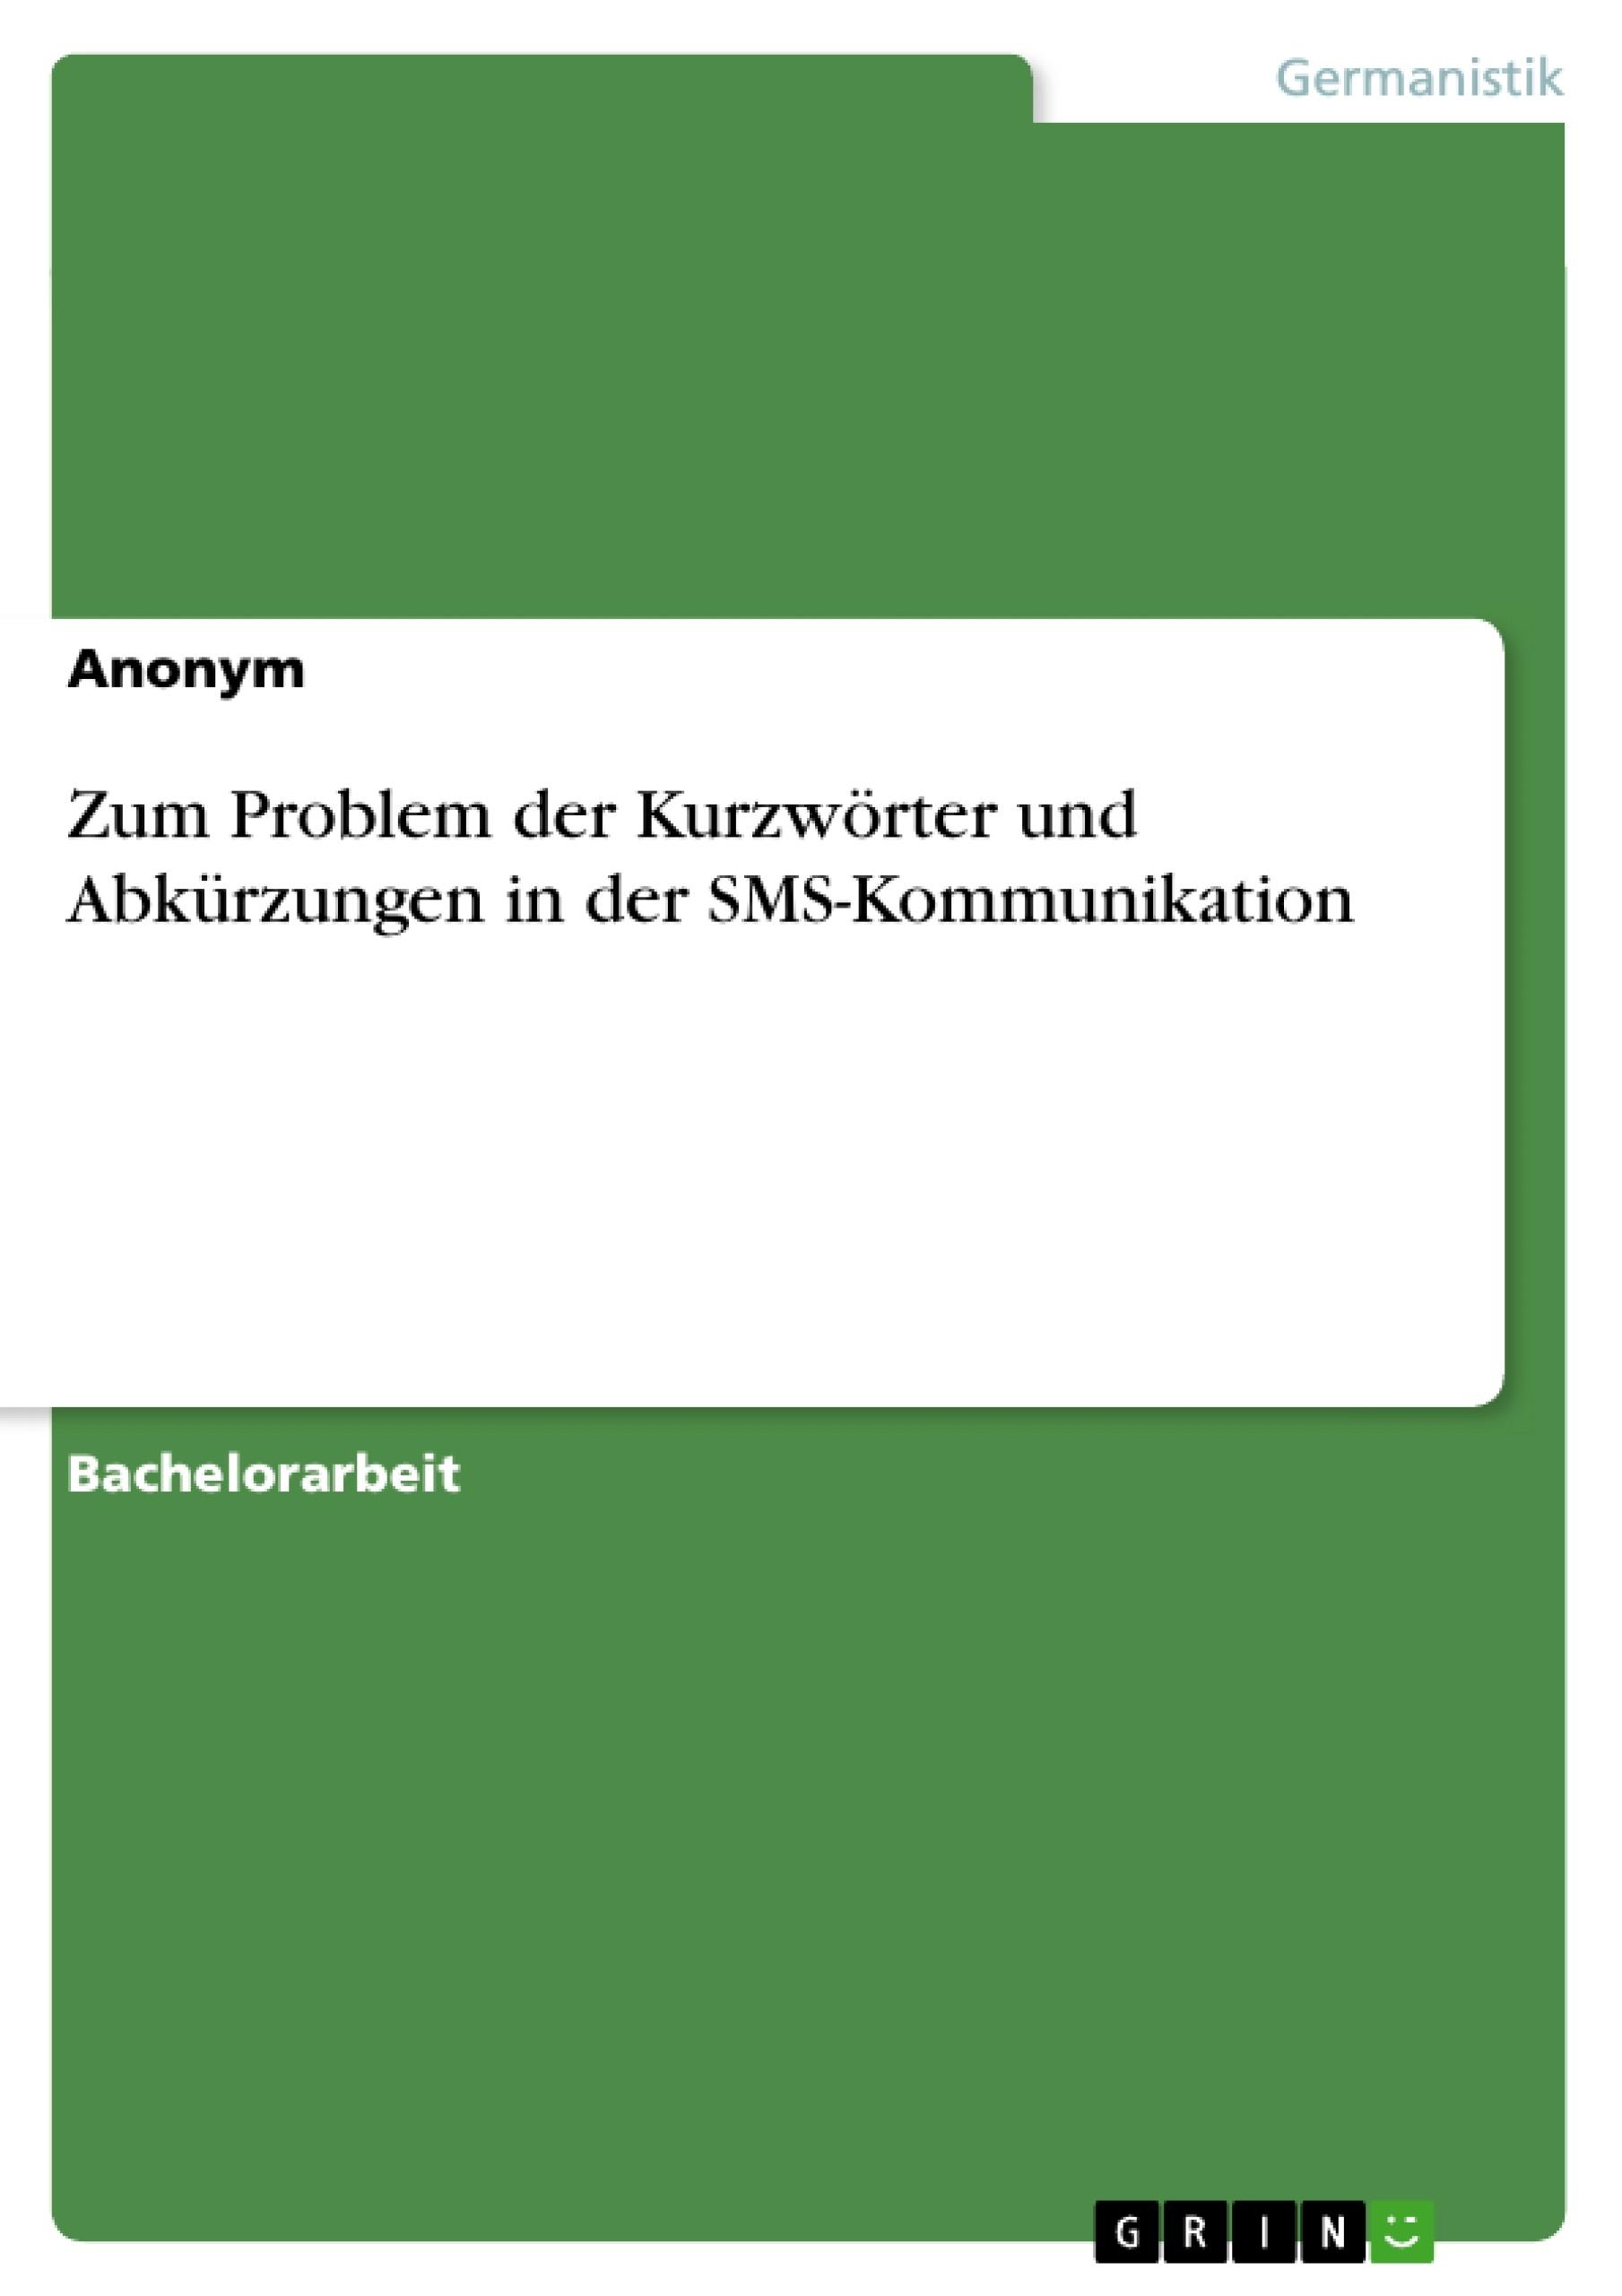 Titel: Zum Problem der Kurzwörter und Abkürzungen in der SMS-Kommunikation